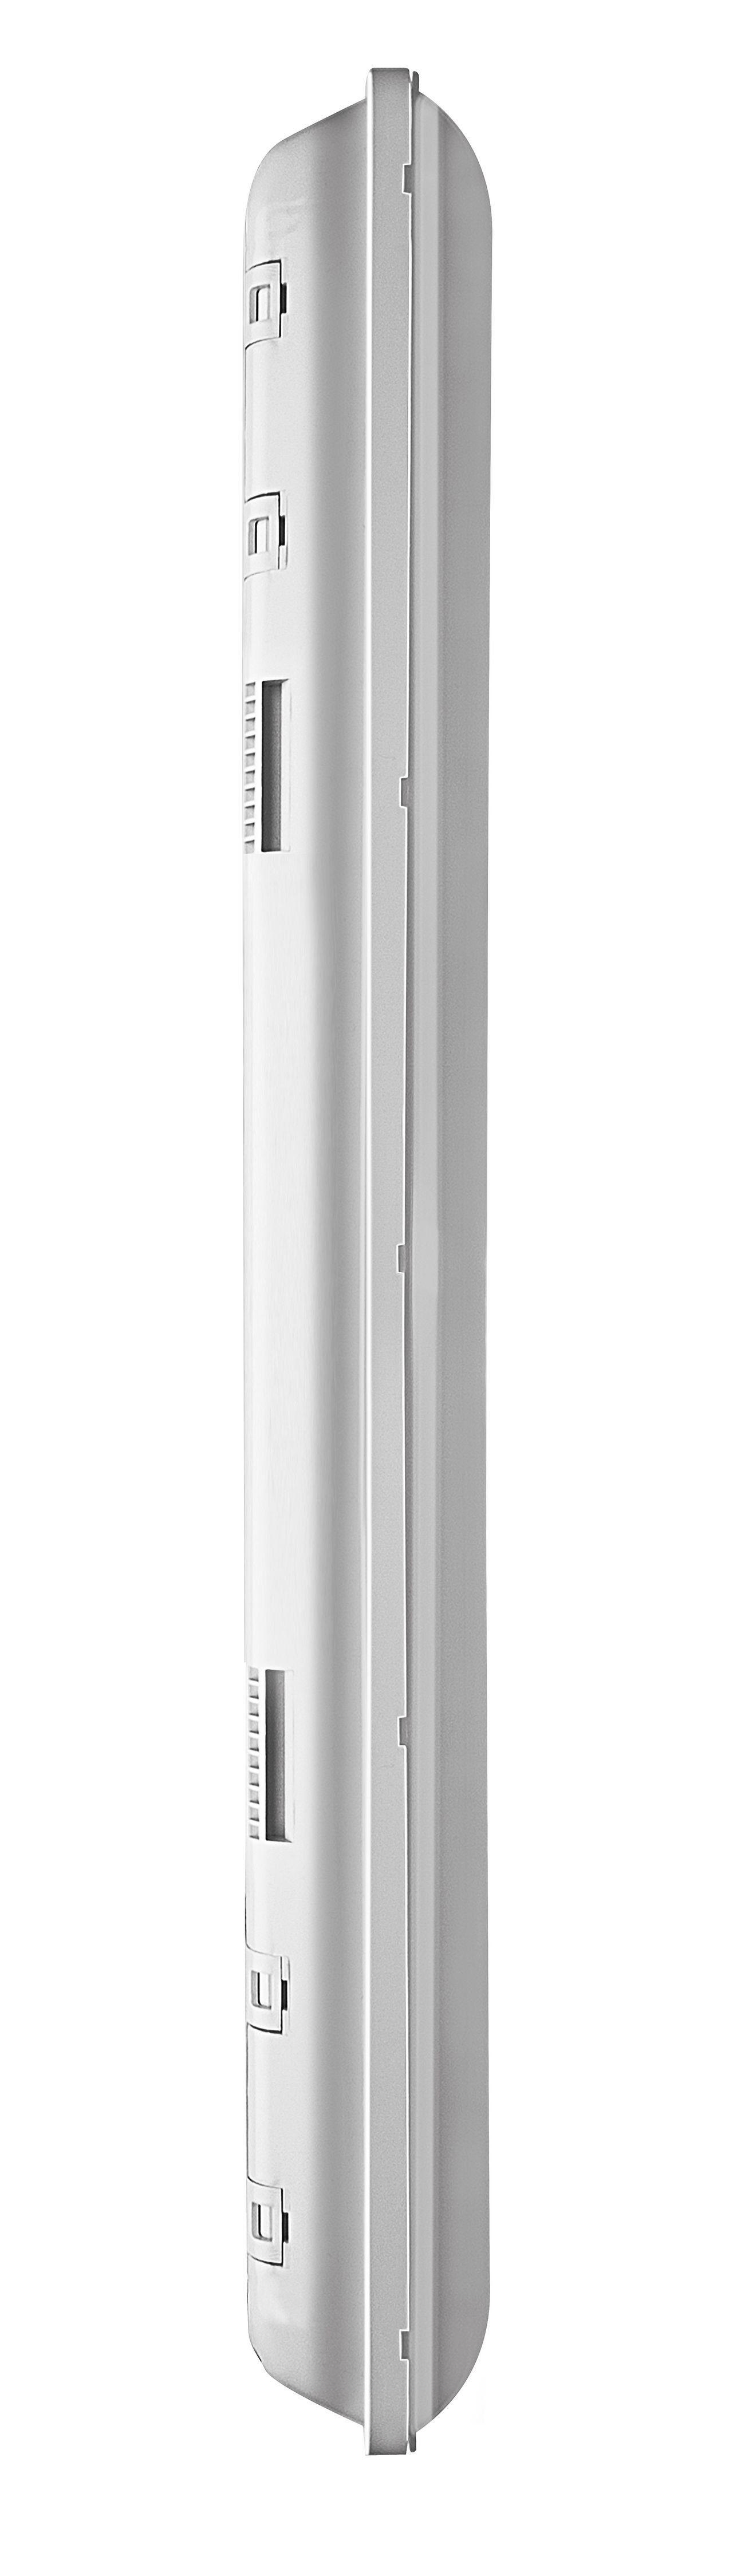 Osram Feuchtraumleuchte, staubdicht, strahlwassergeschützt »SubMARINE LED Integrated 18 W«